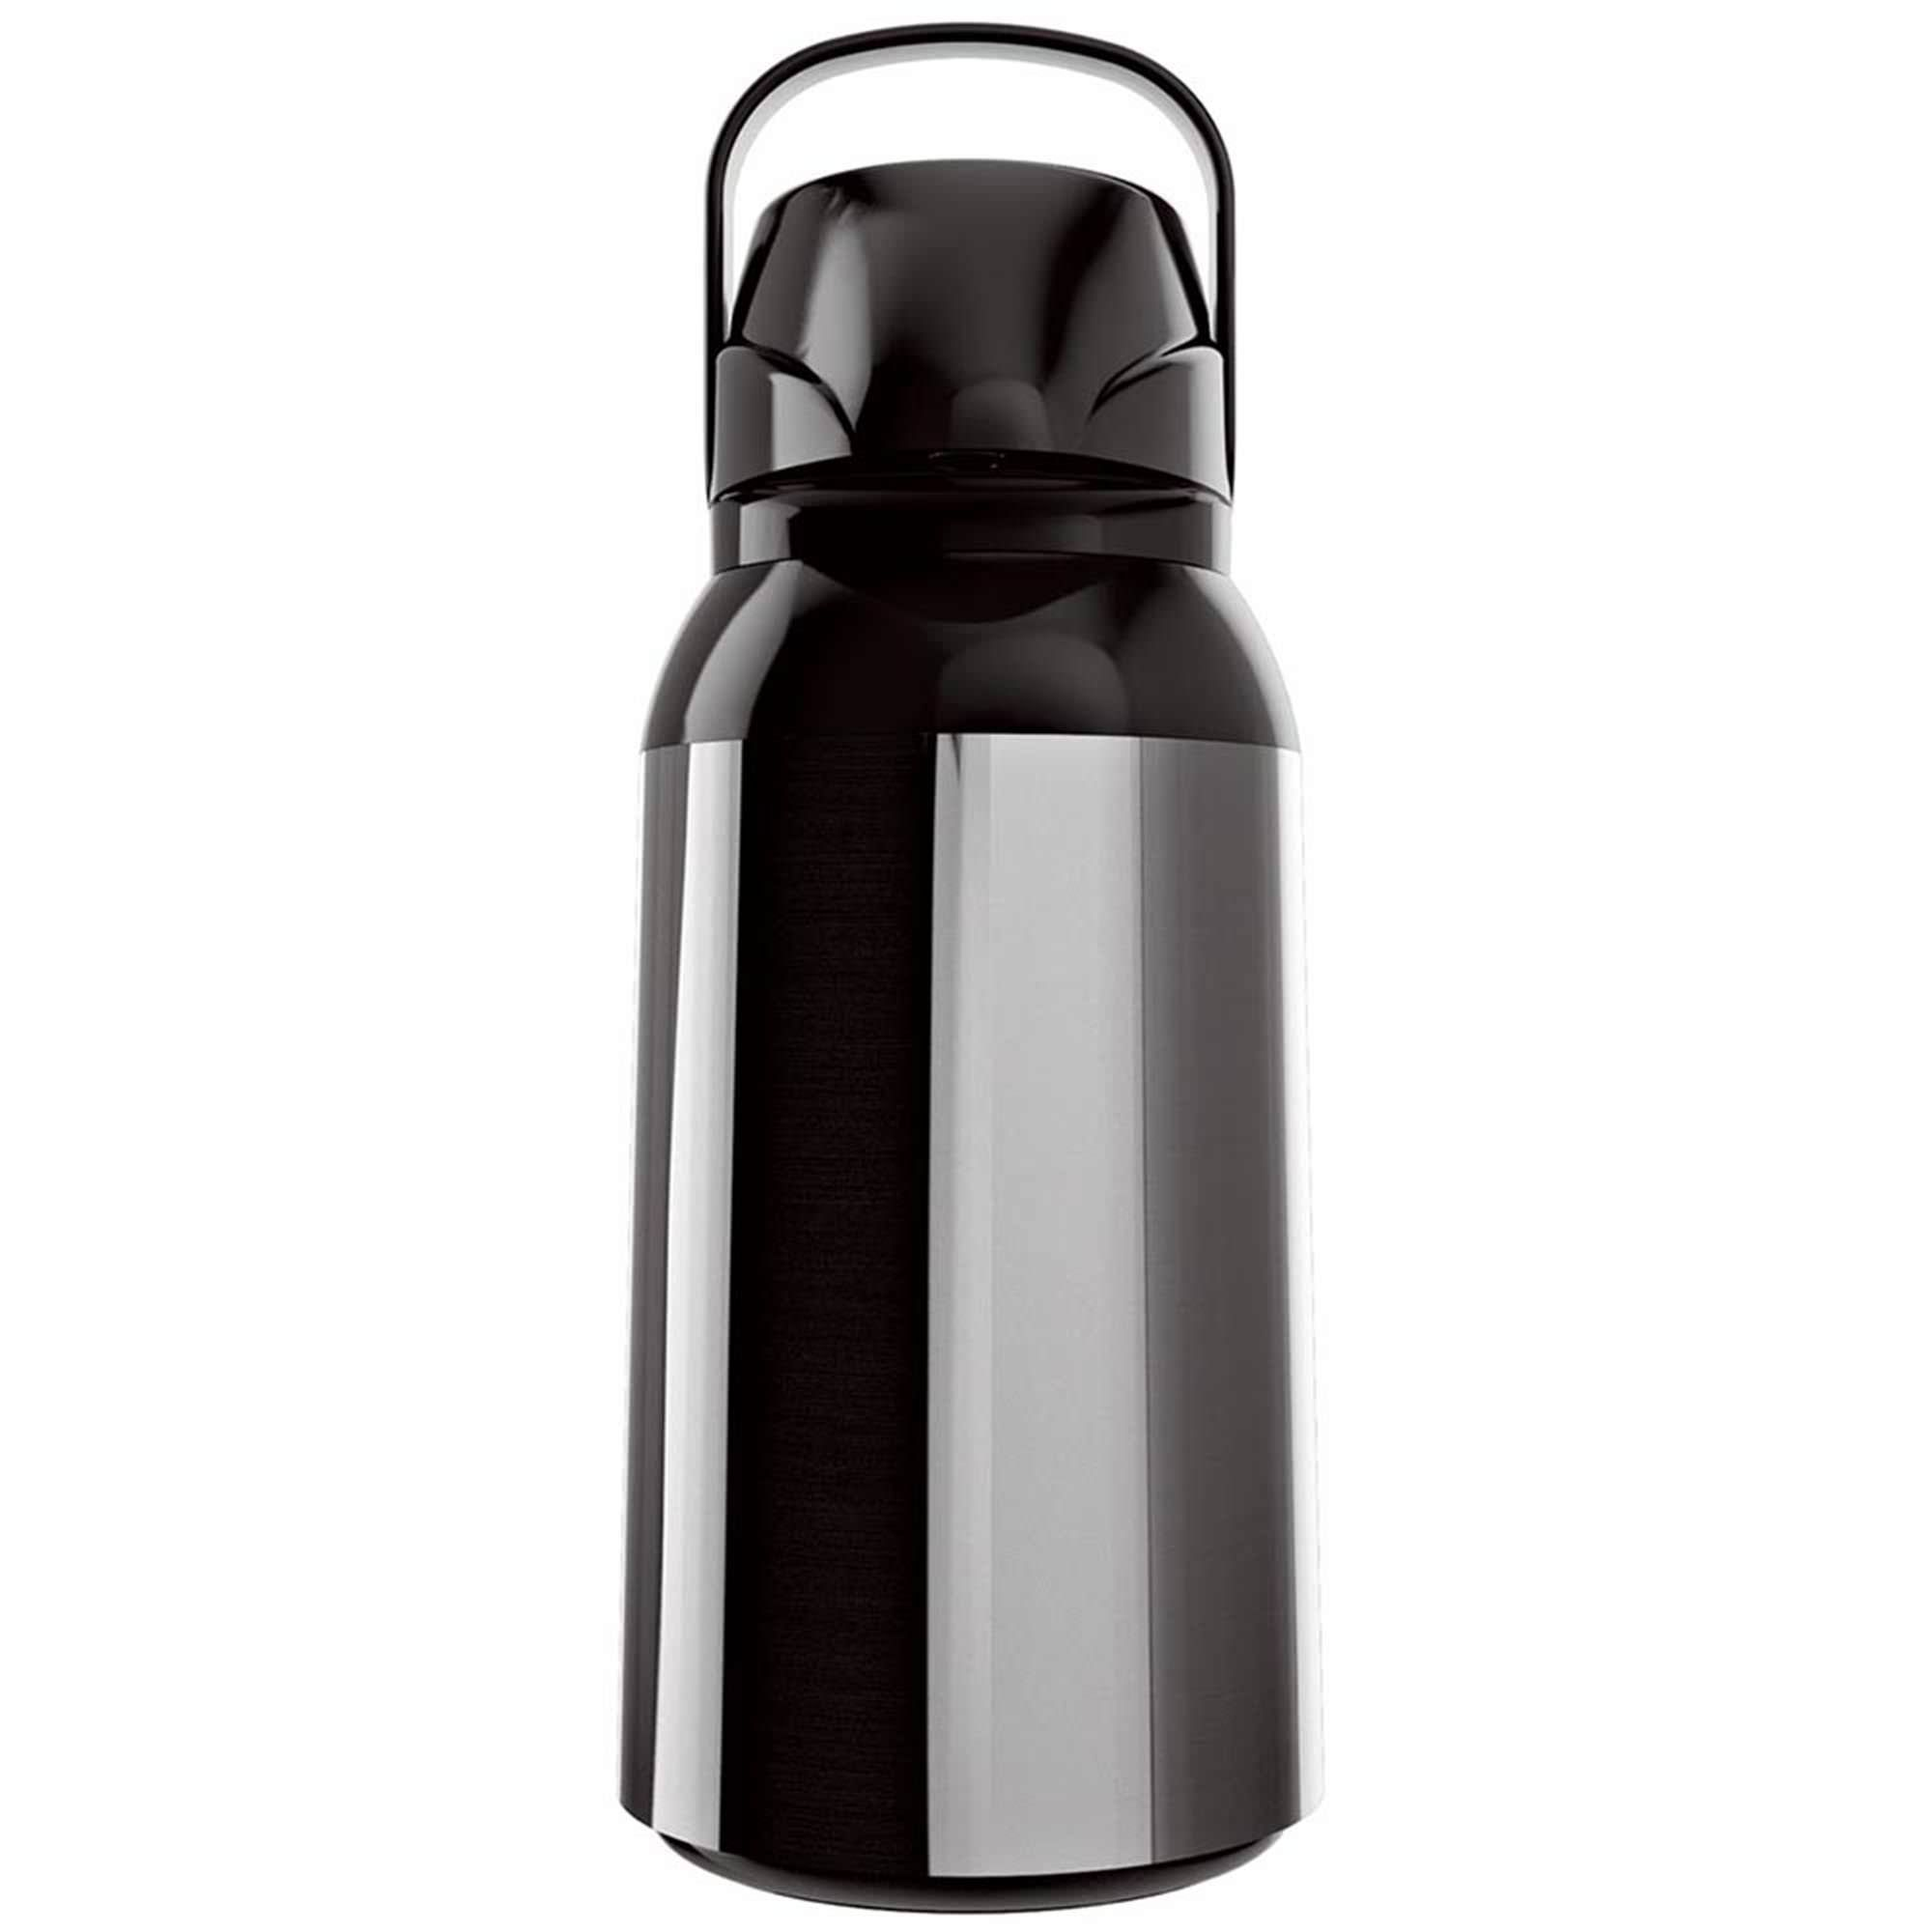 Garrafa Térmica de Pressão Inox 1,8 L Air Pot New